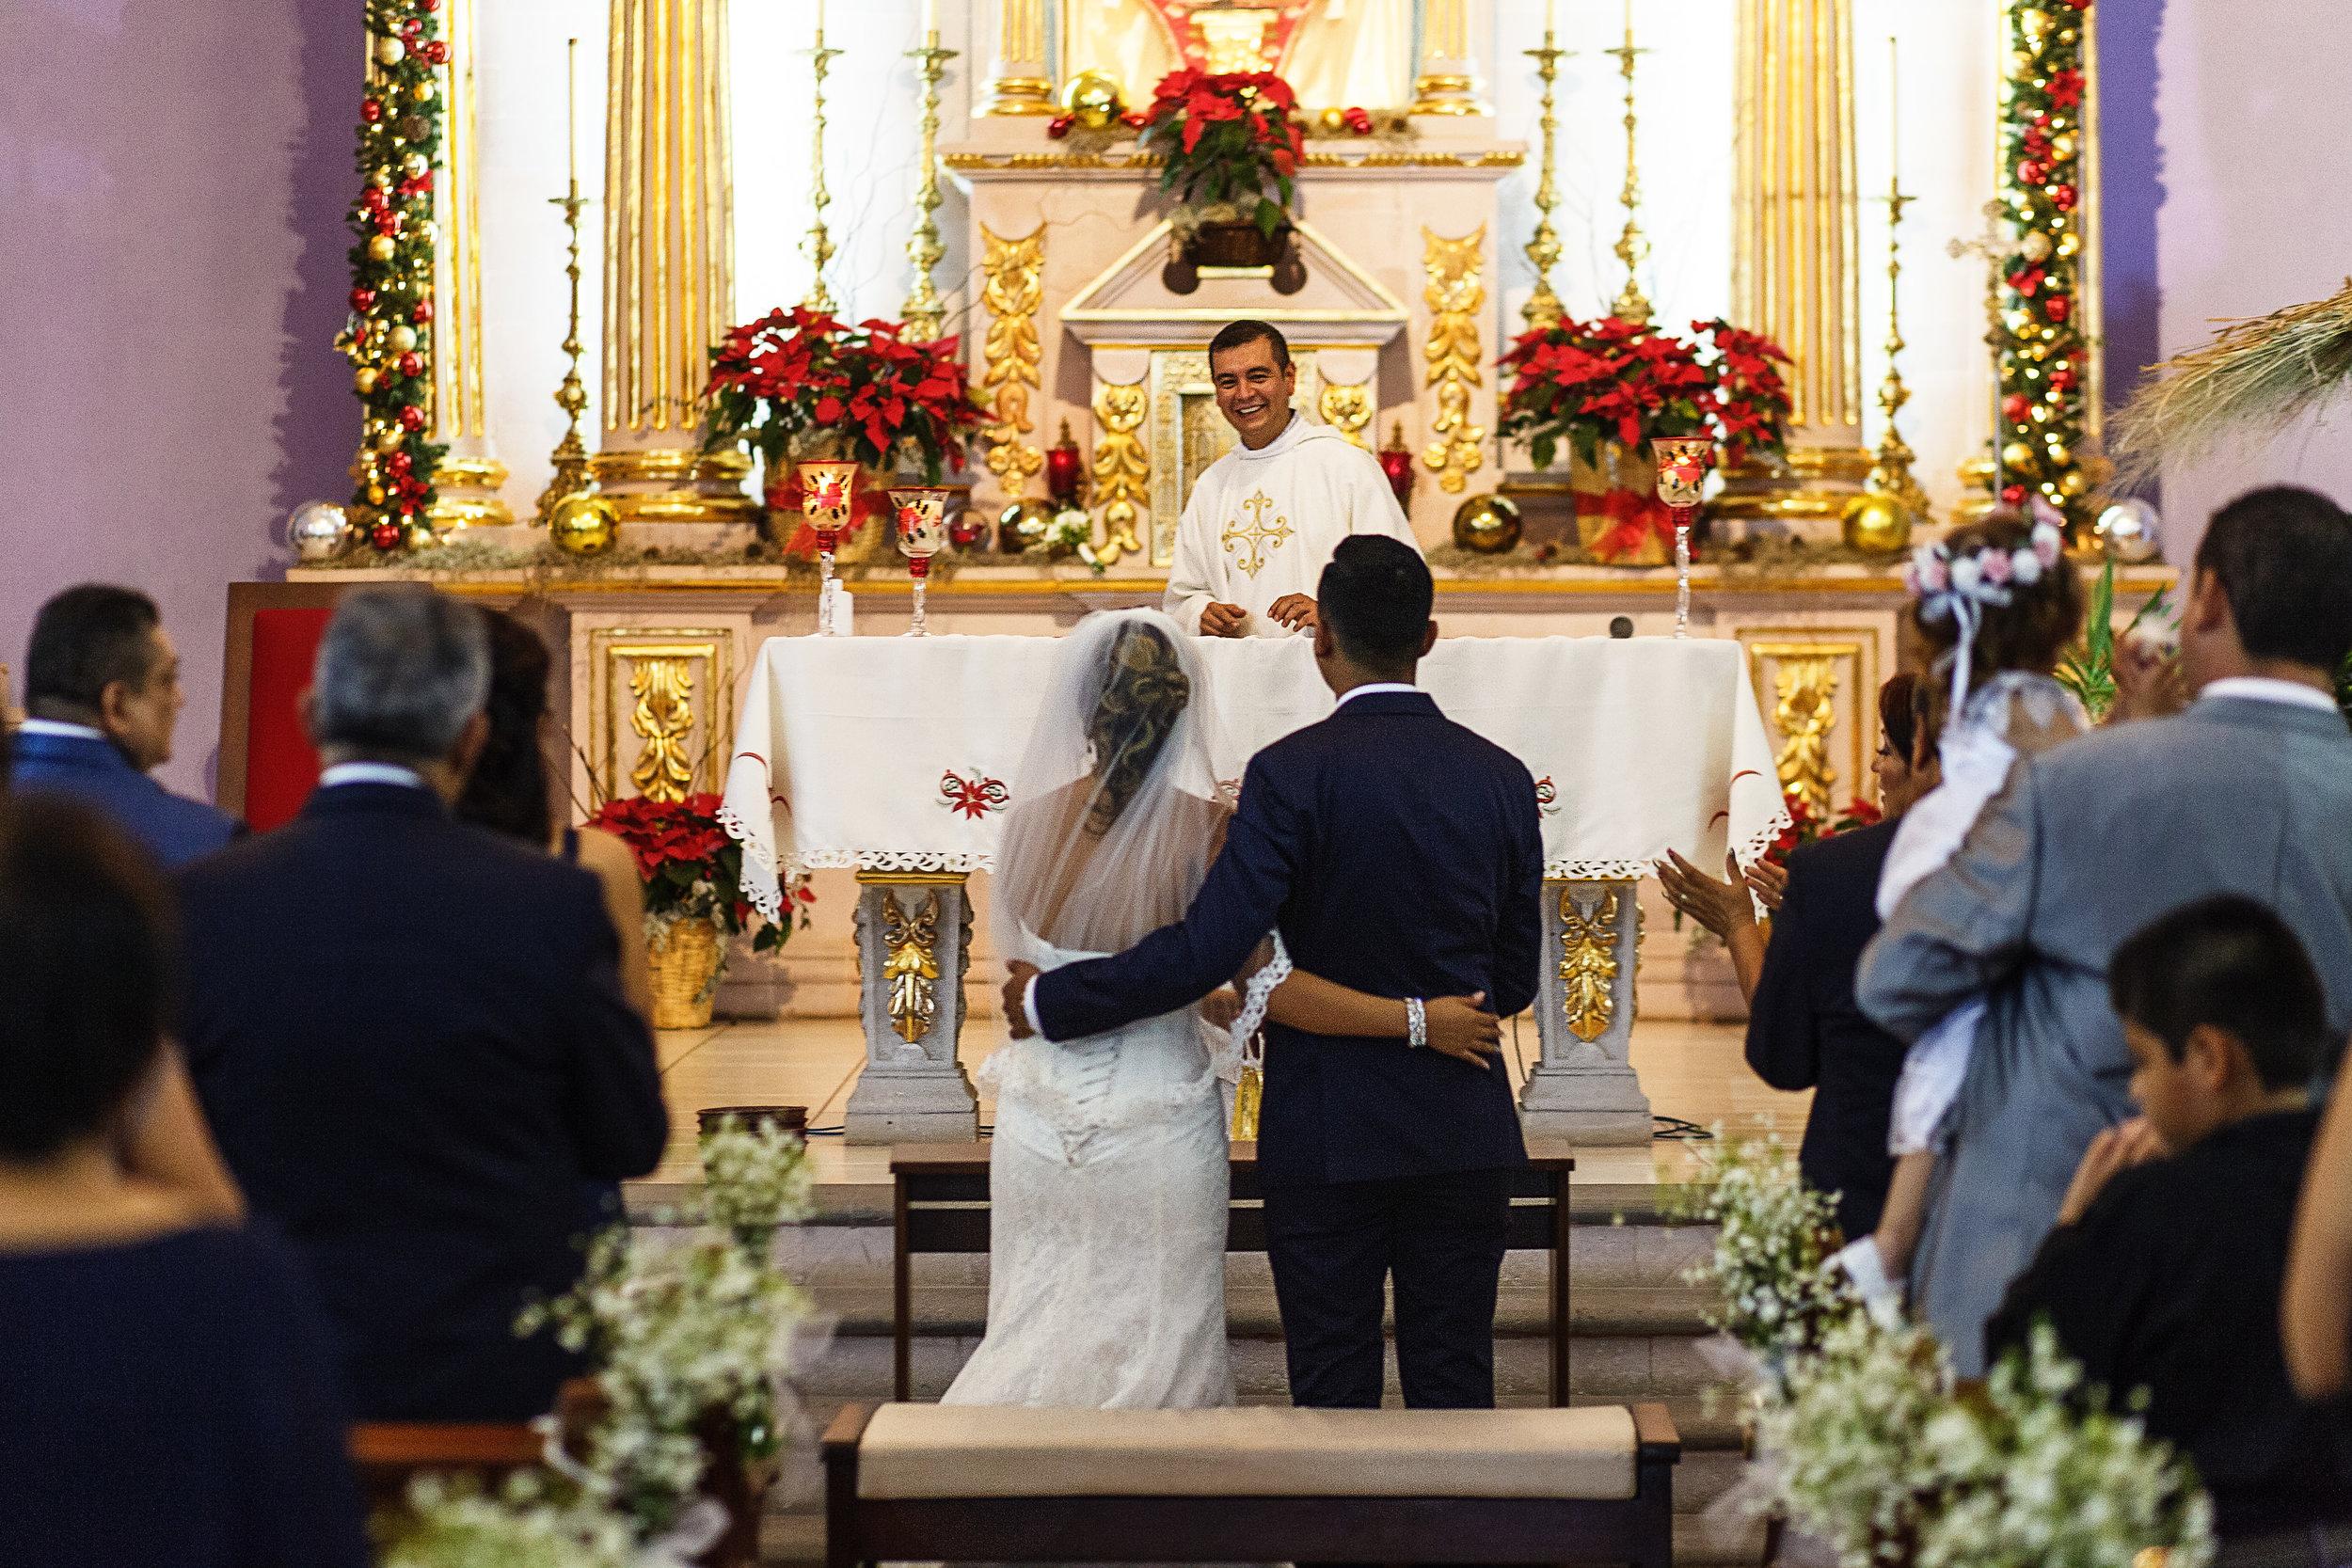 El sacerdote de la iglesia ríe en su sermon frente a la pareja de recién casados que permanecen abrazados frente al altar